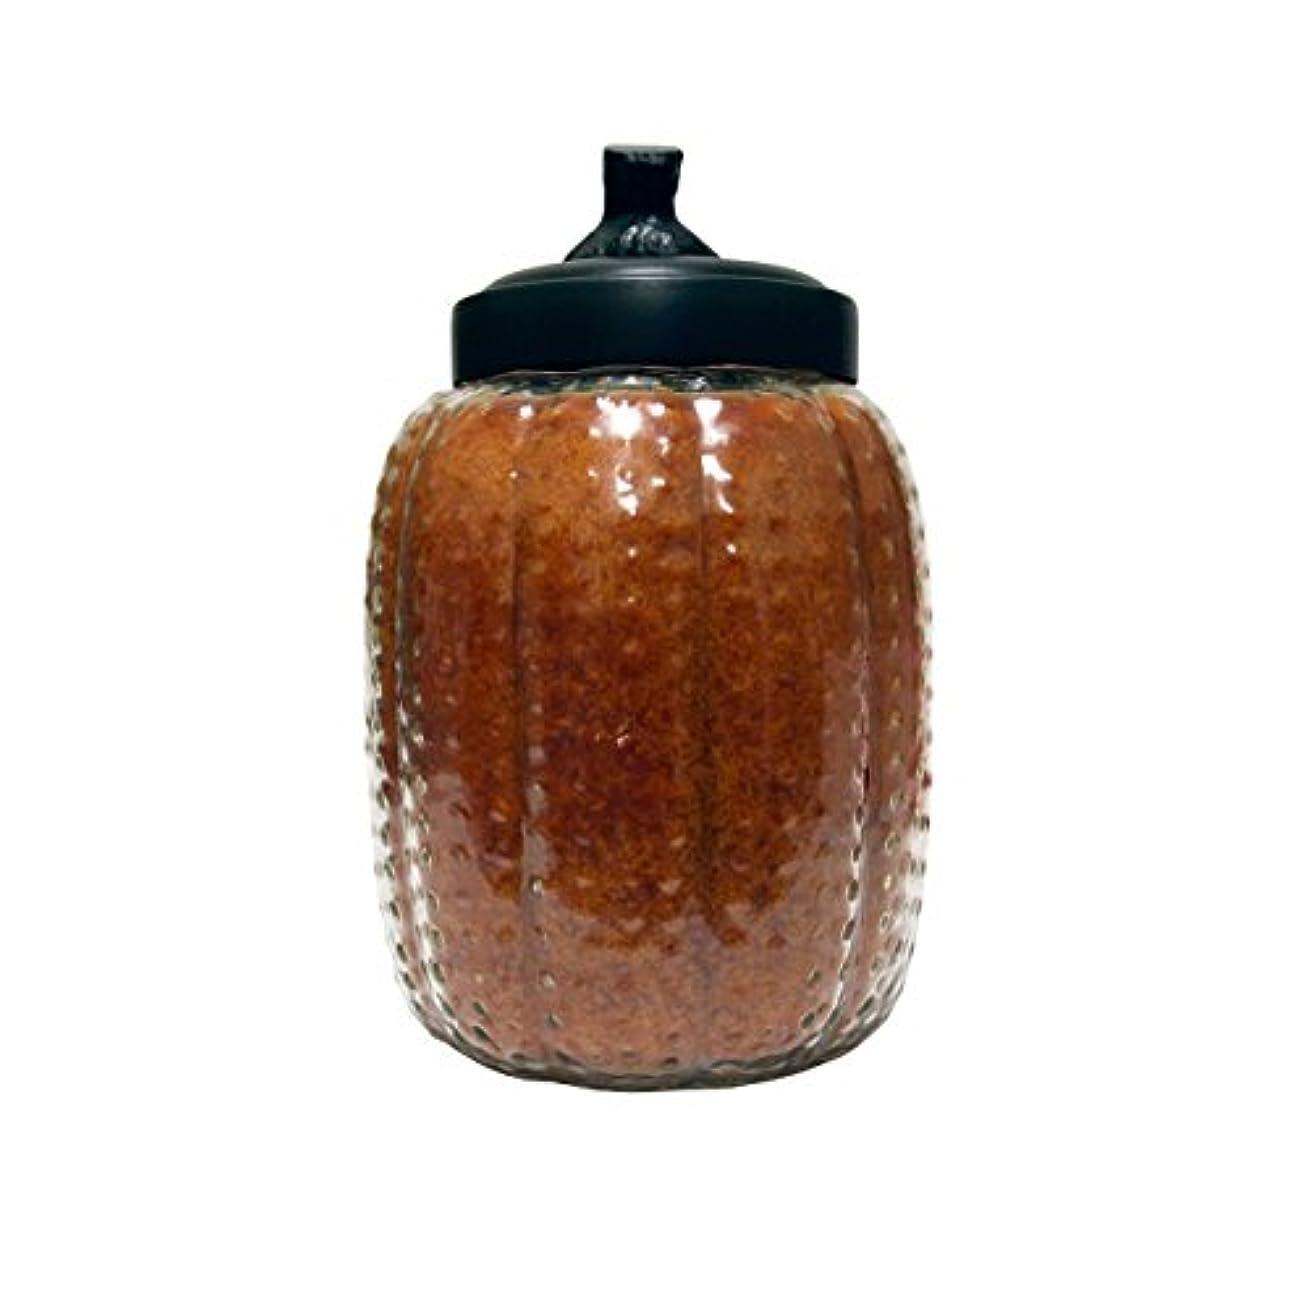 流す脅迫グラフィックA Cheerful Giver Autumn Orchards Pumpkin Jar Candle, 26-Ounce by Cheerful Giver [並行輸入品]